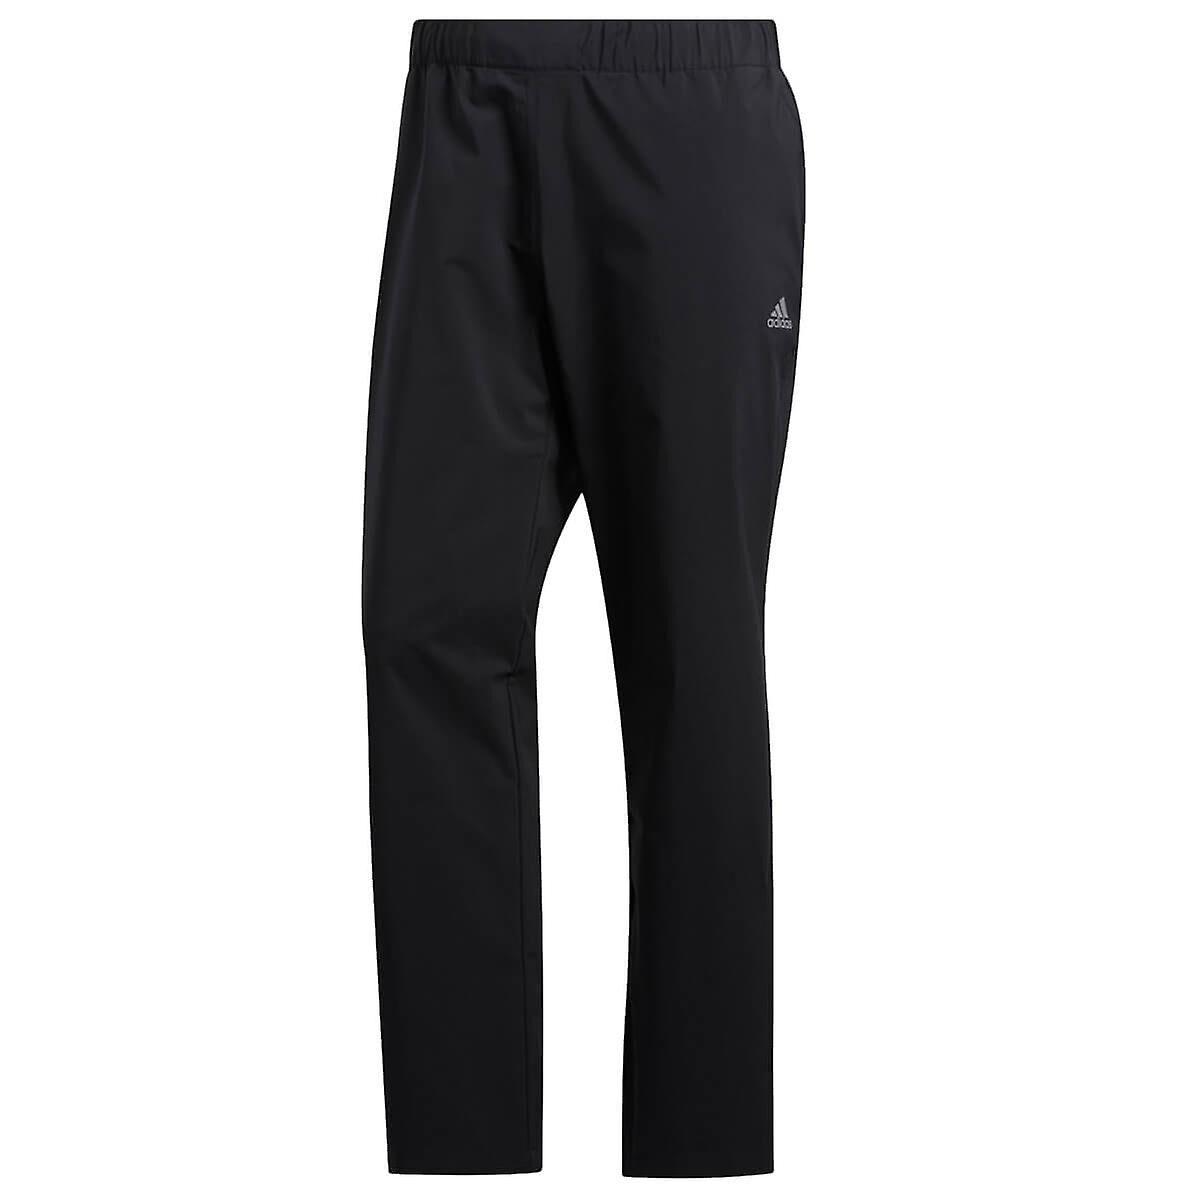 adidas Golf Mens 2020 Pantalon répulsif provisoire d'eau de pluie Noir S/L